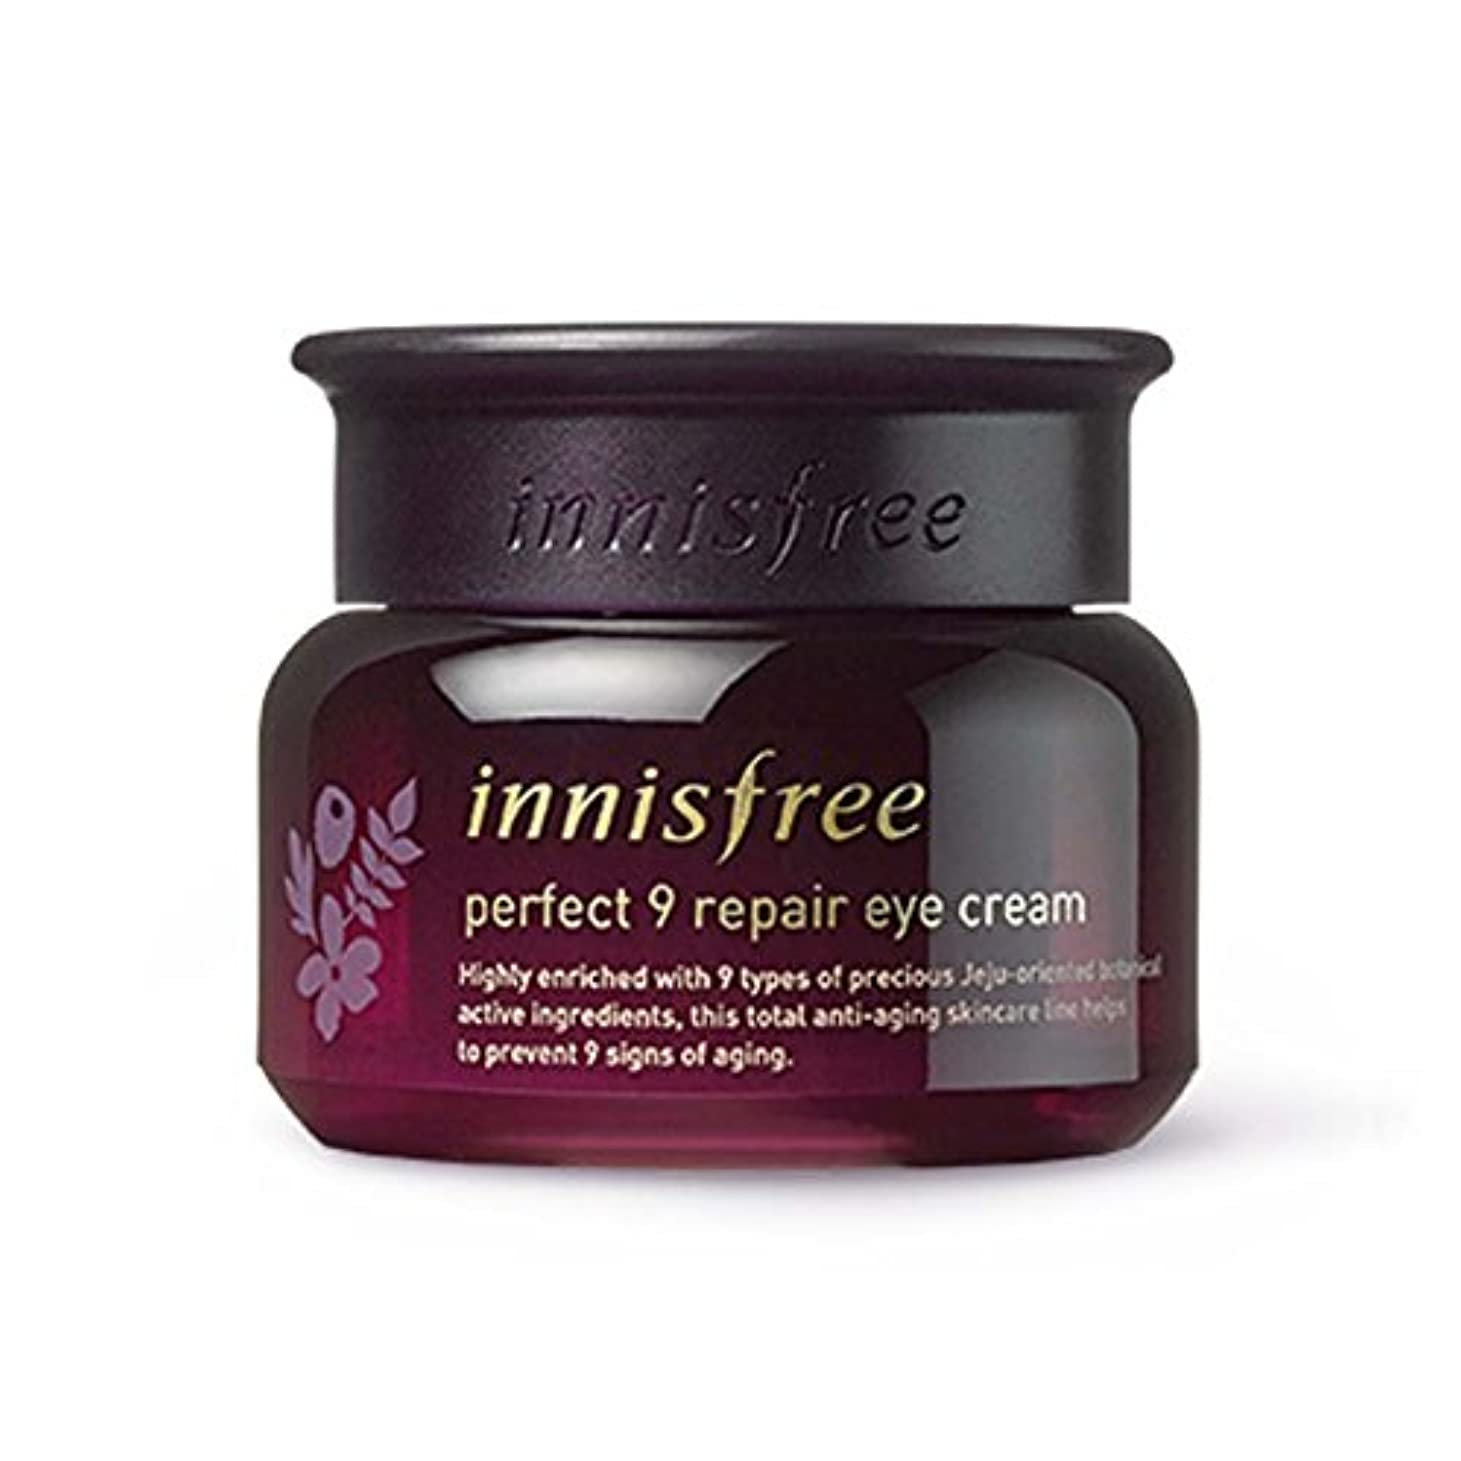 イーウェル商人バーガー【innisfree】イニスフリー パーフェクト9 リペアアイクリーム 30ml(Perfect 9 repair eye cream 30ml)